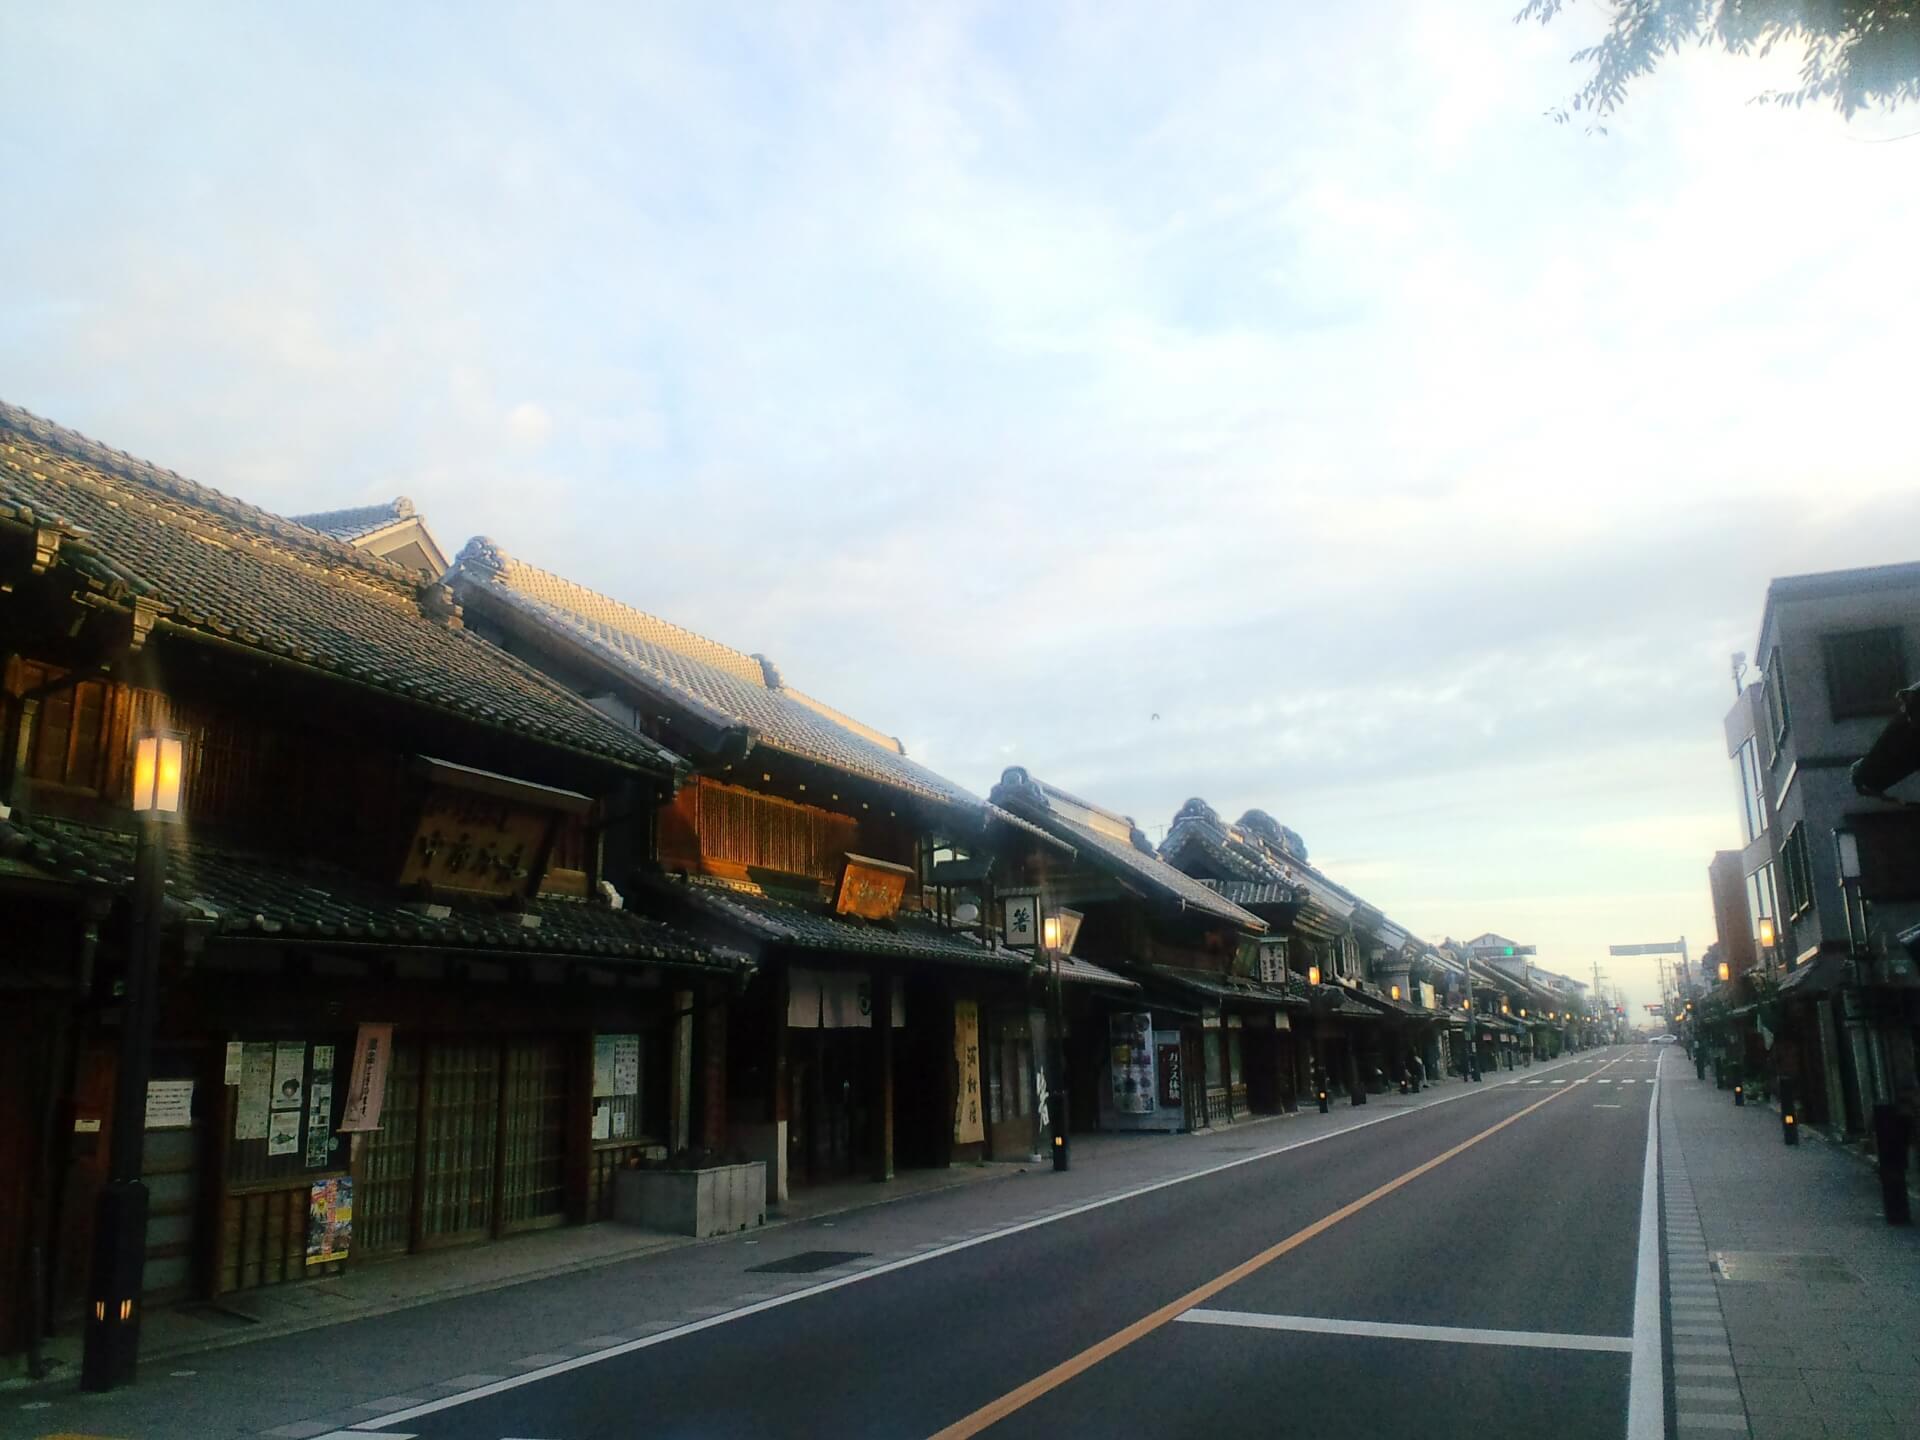 埼玉を代表する観光スポット・川越